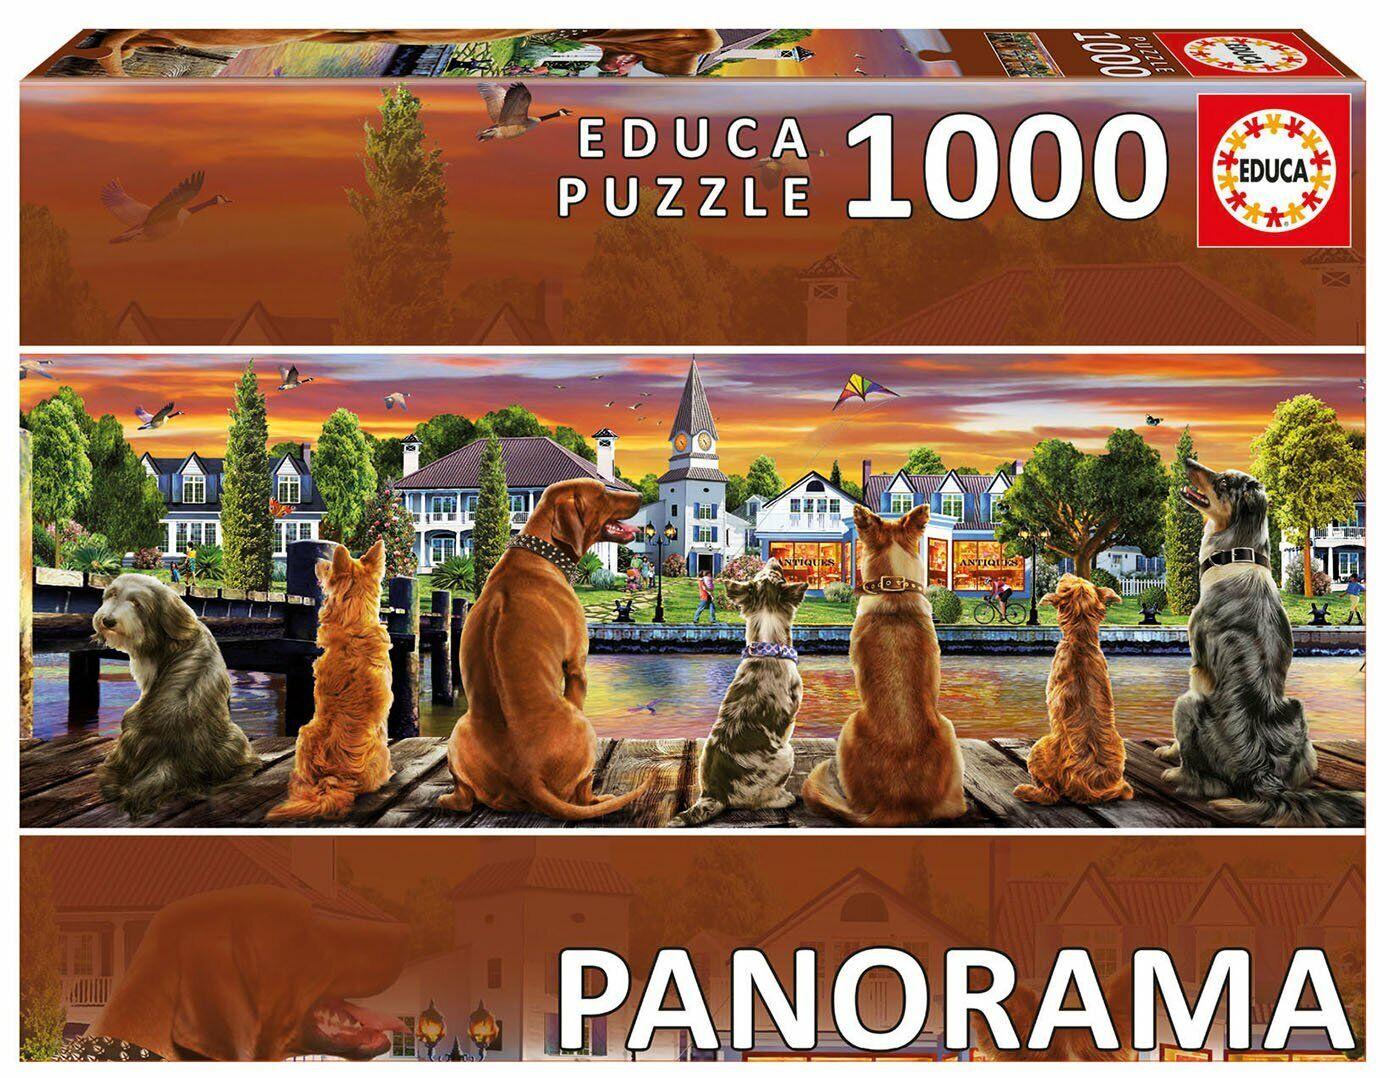 Los perros perros perros en el muelle panorama ~ 1000 Rompecabezas Pieza Educa 12382d